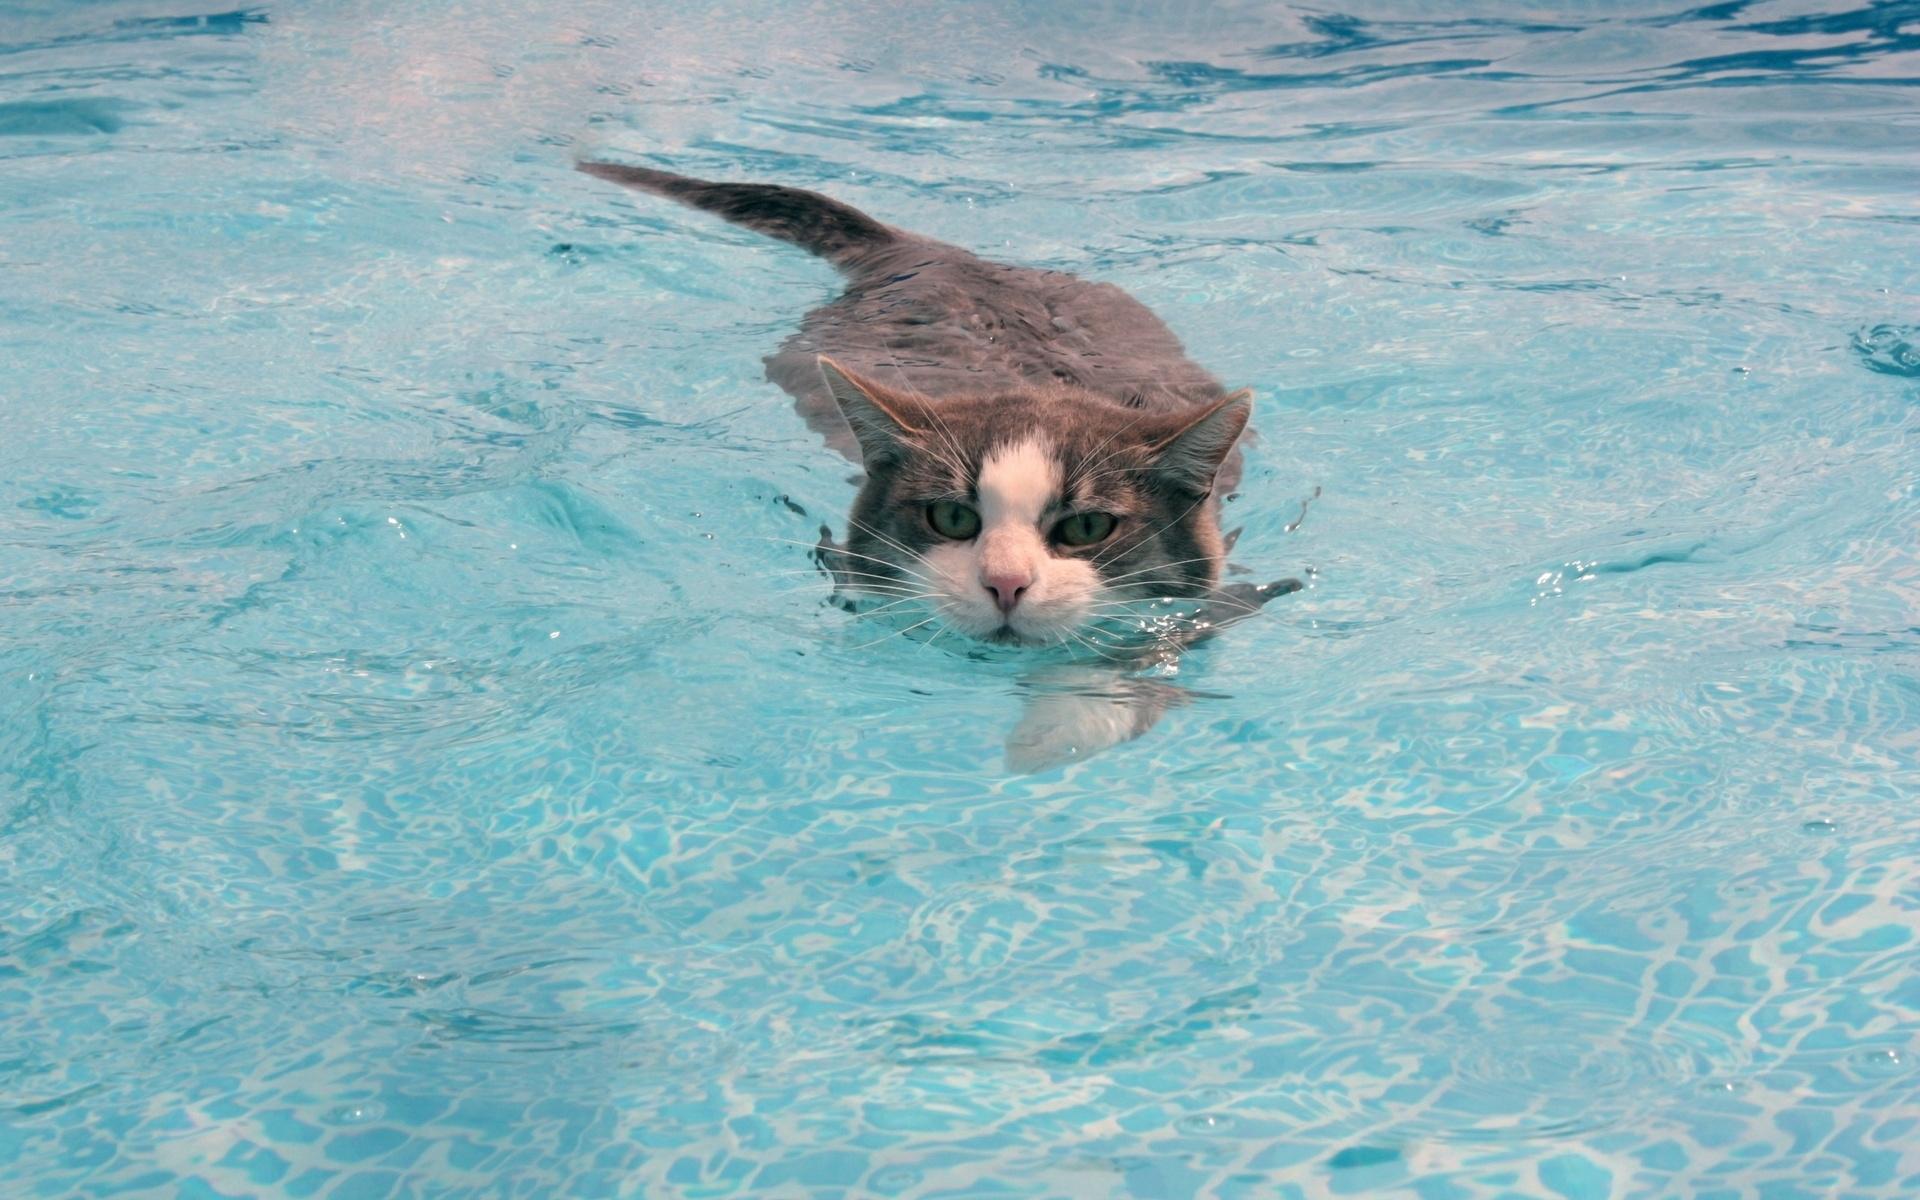 картинки любят купаться все дома, дачи